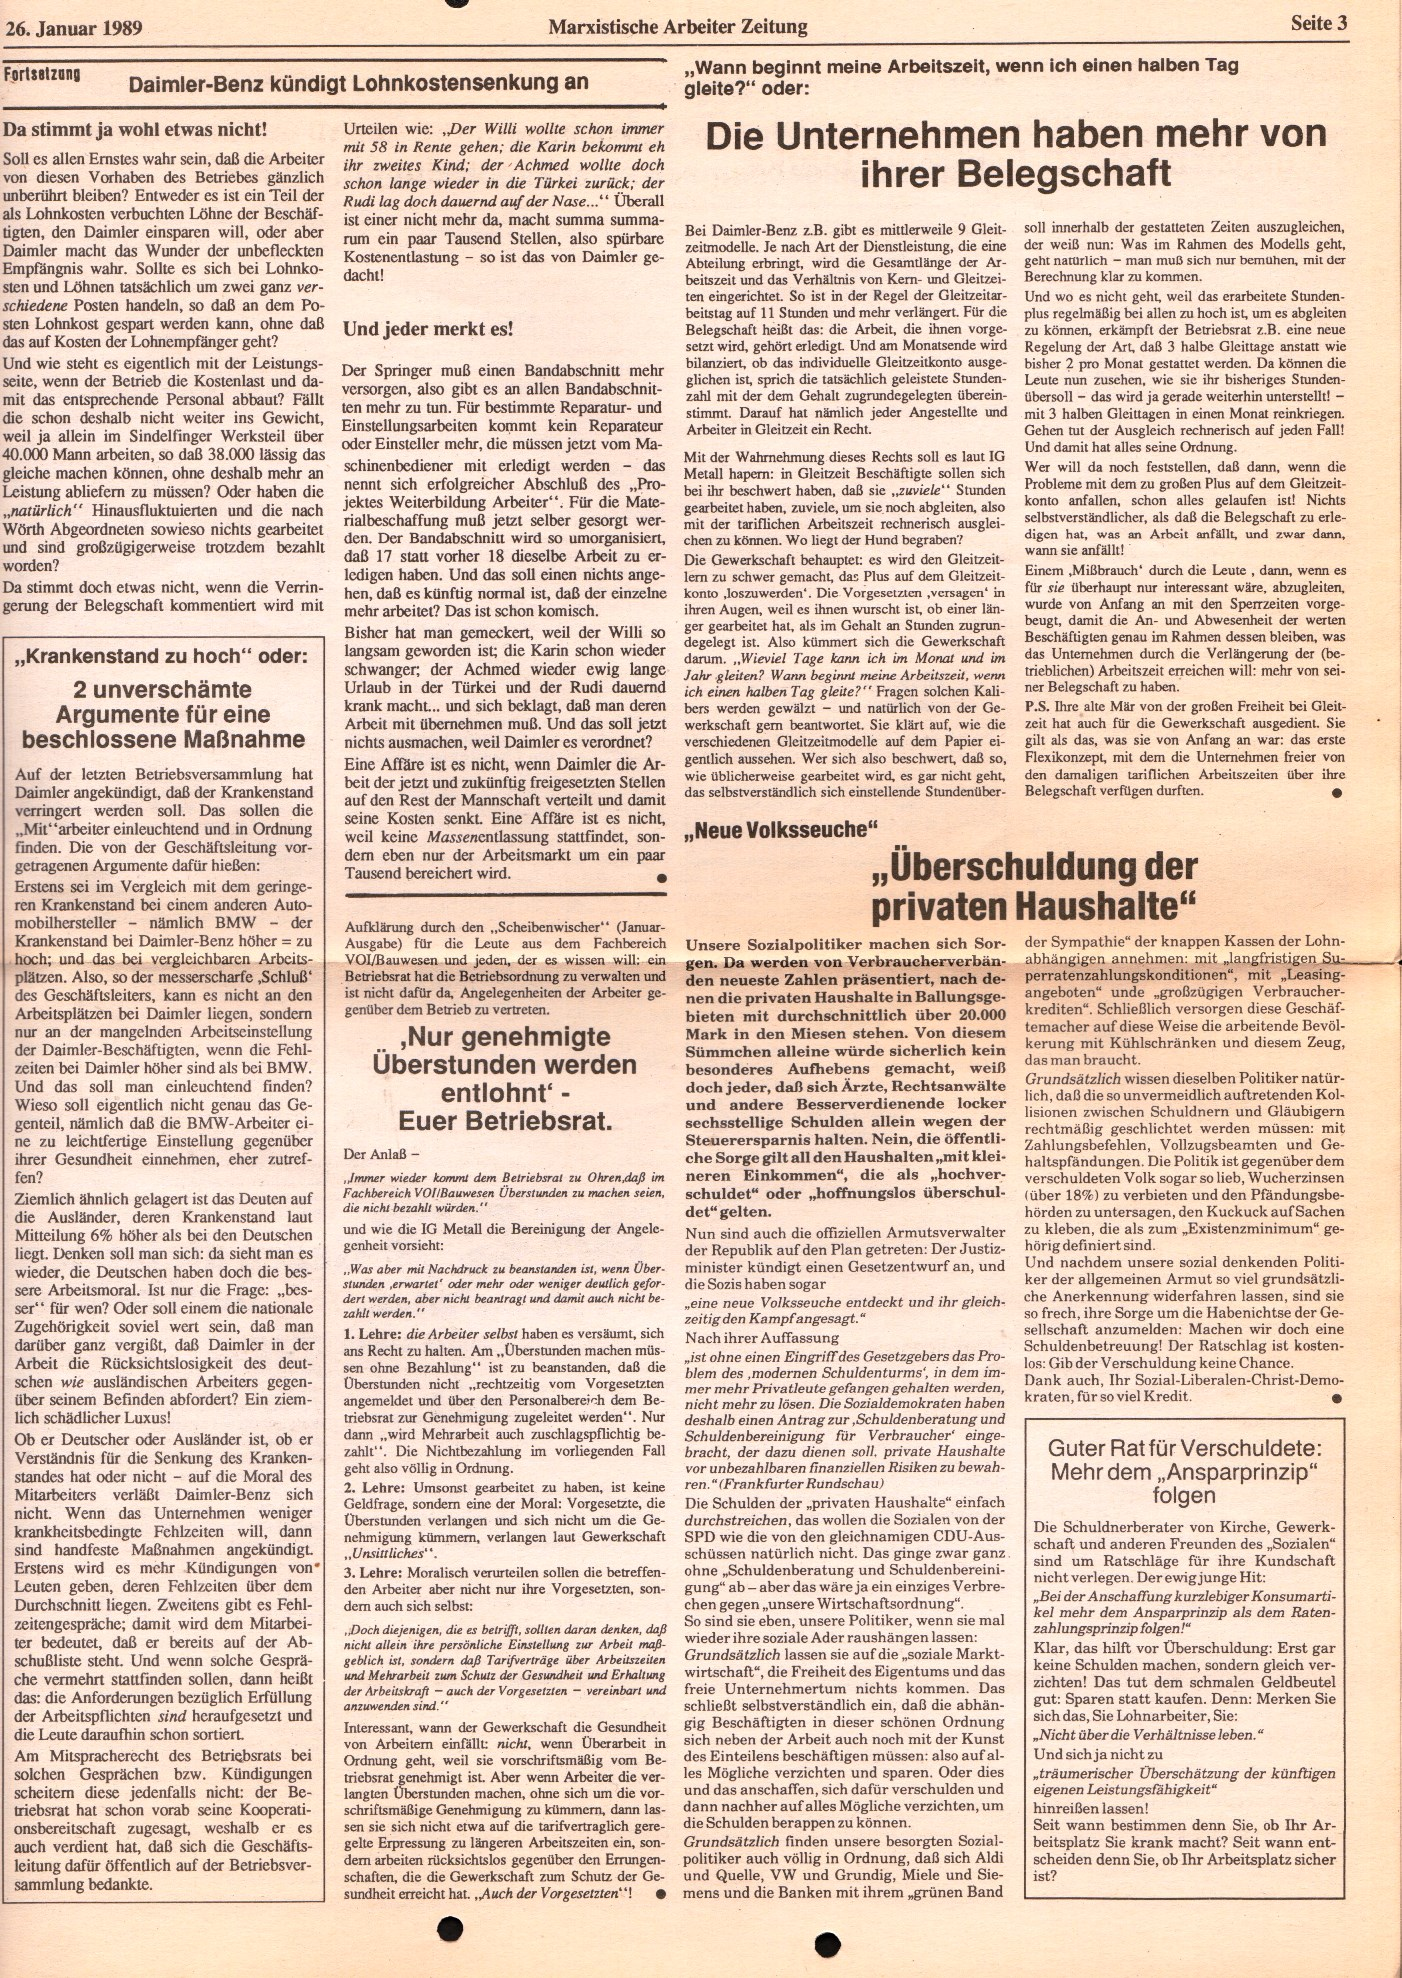 BW_MG_Marxistische_Arbeiterzeitung_19890126_03